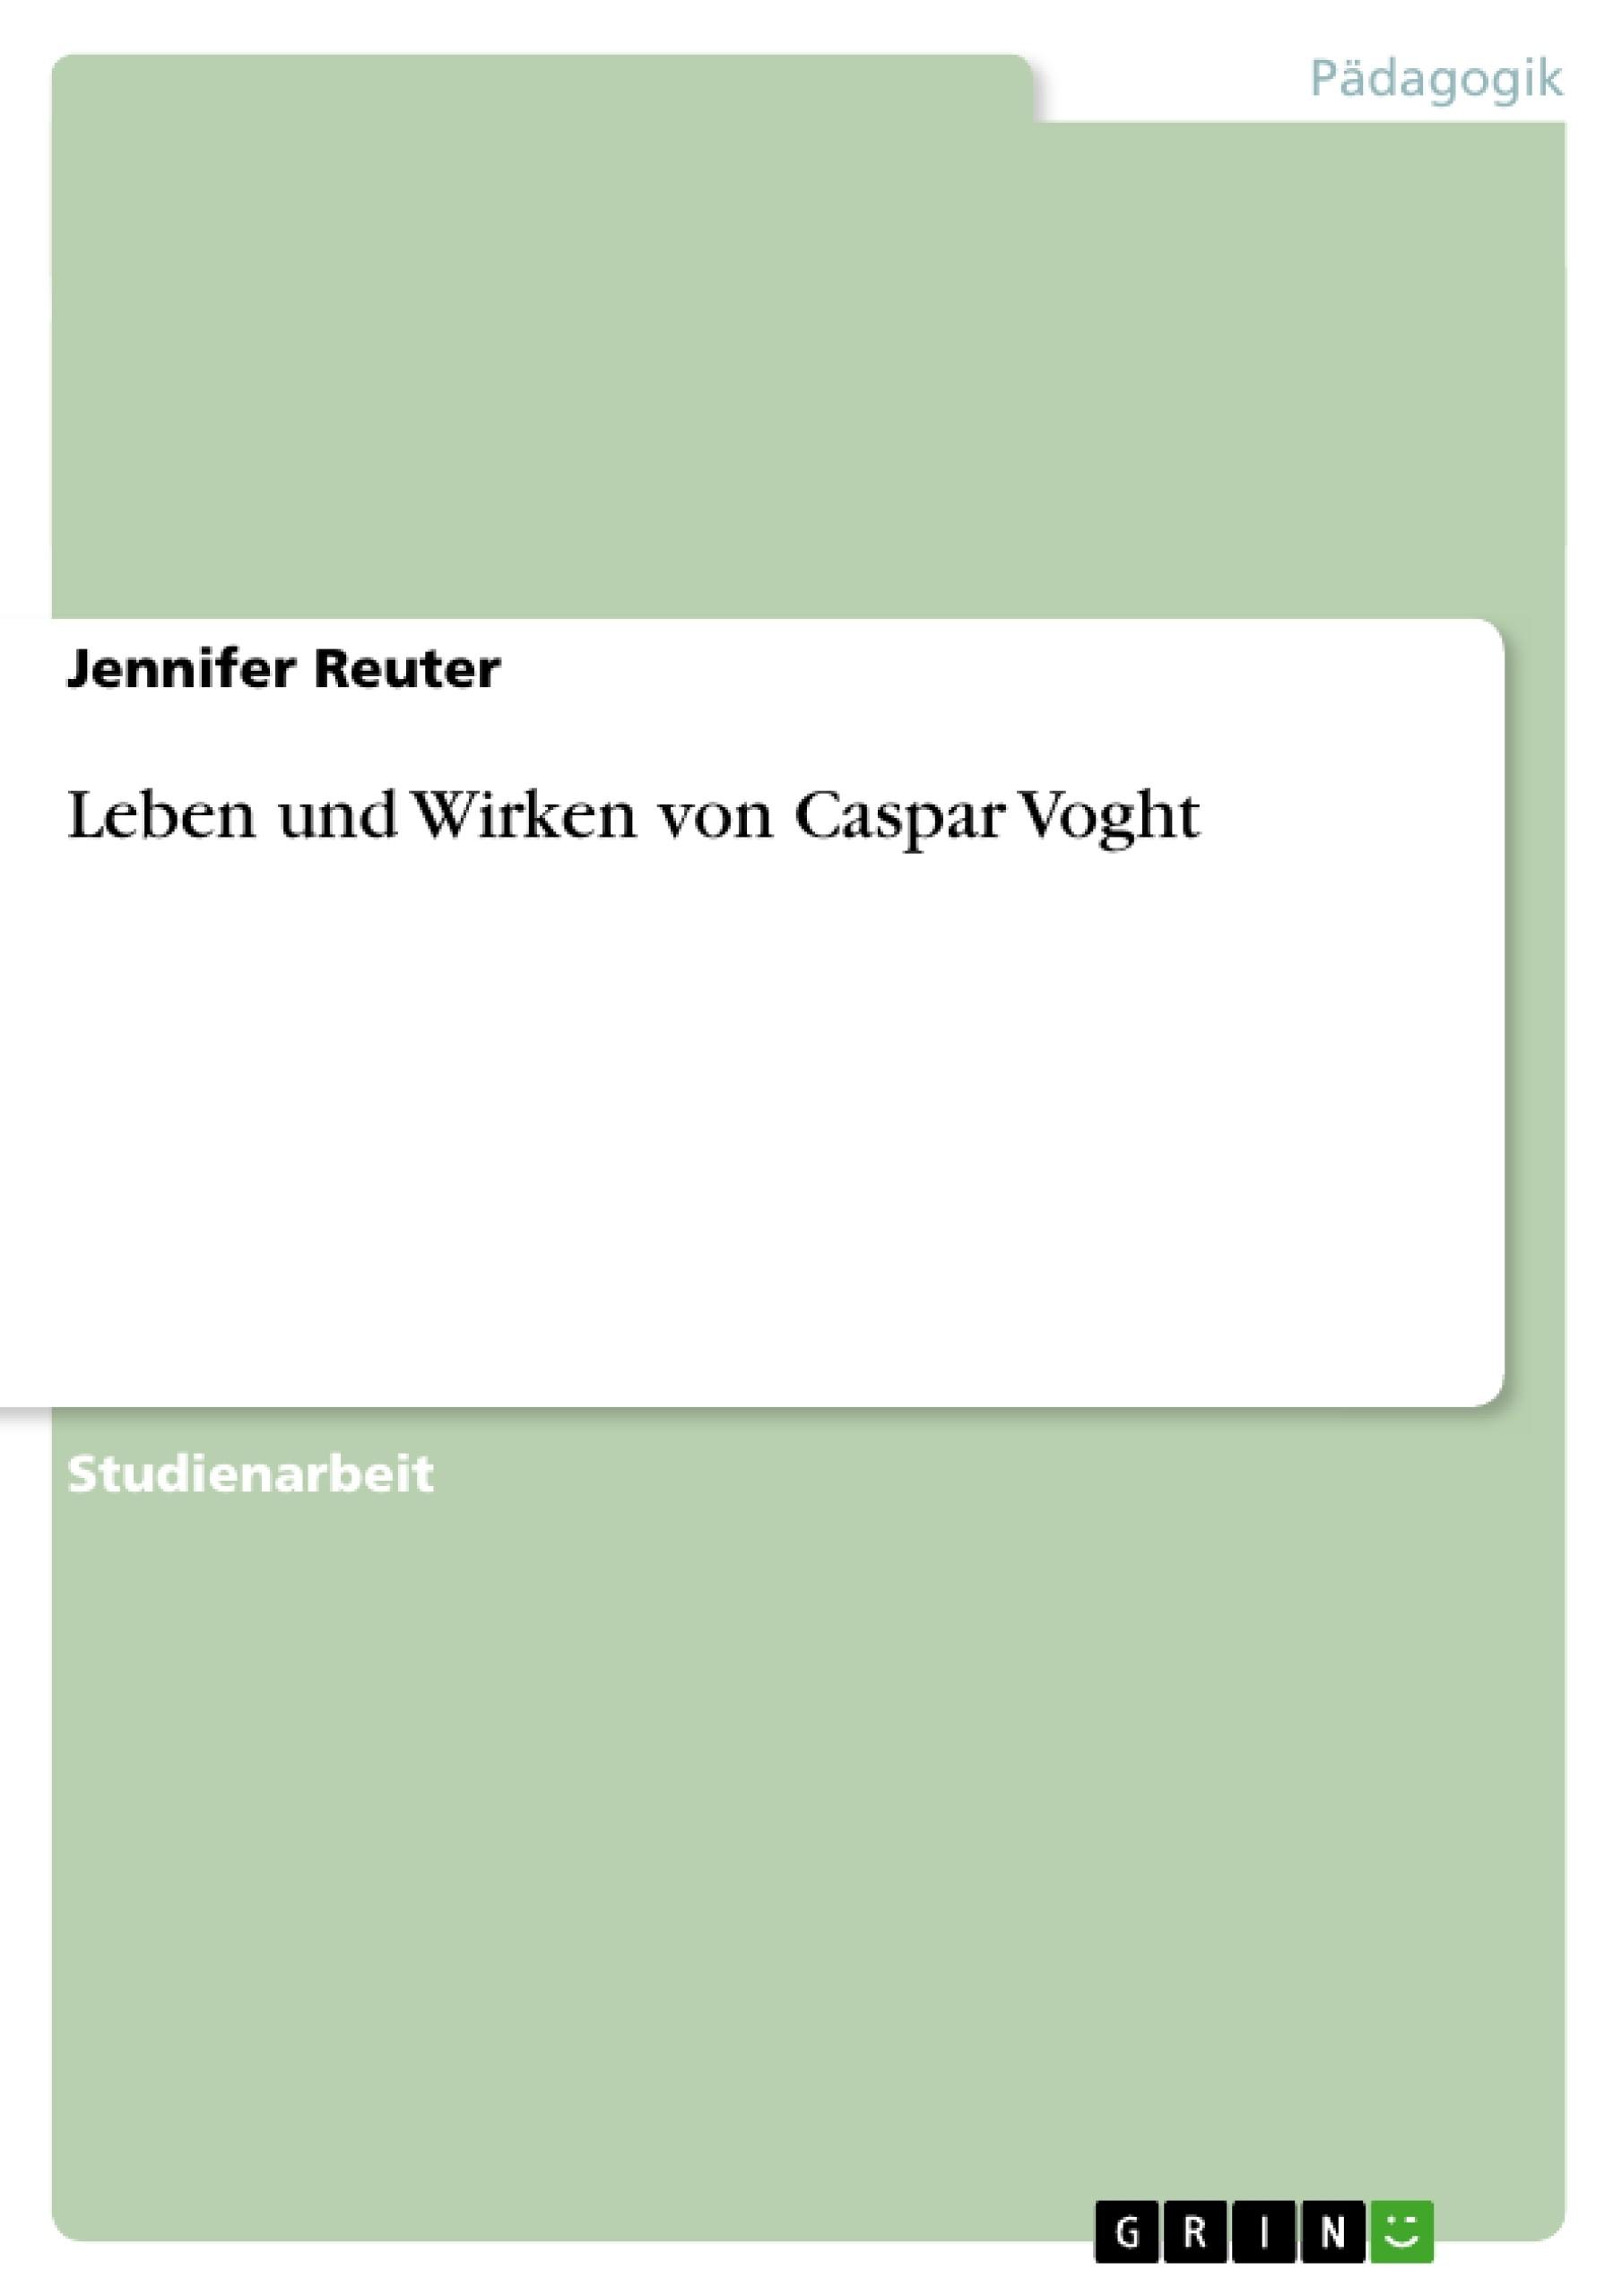 Titel: Leben und Wirken von Caspar Voght